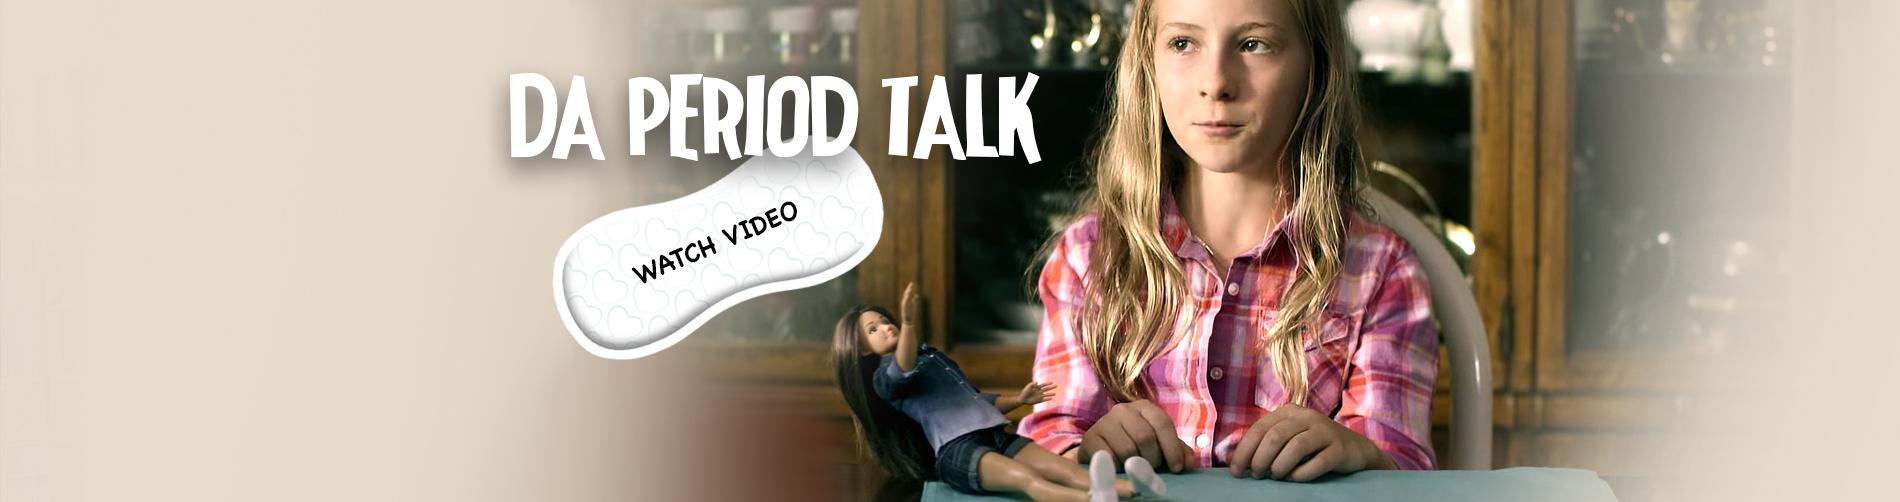 da-period-talk